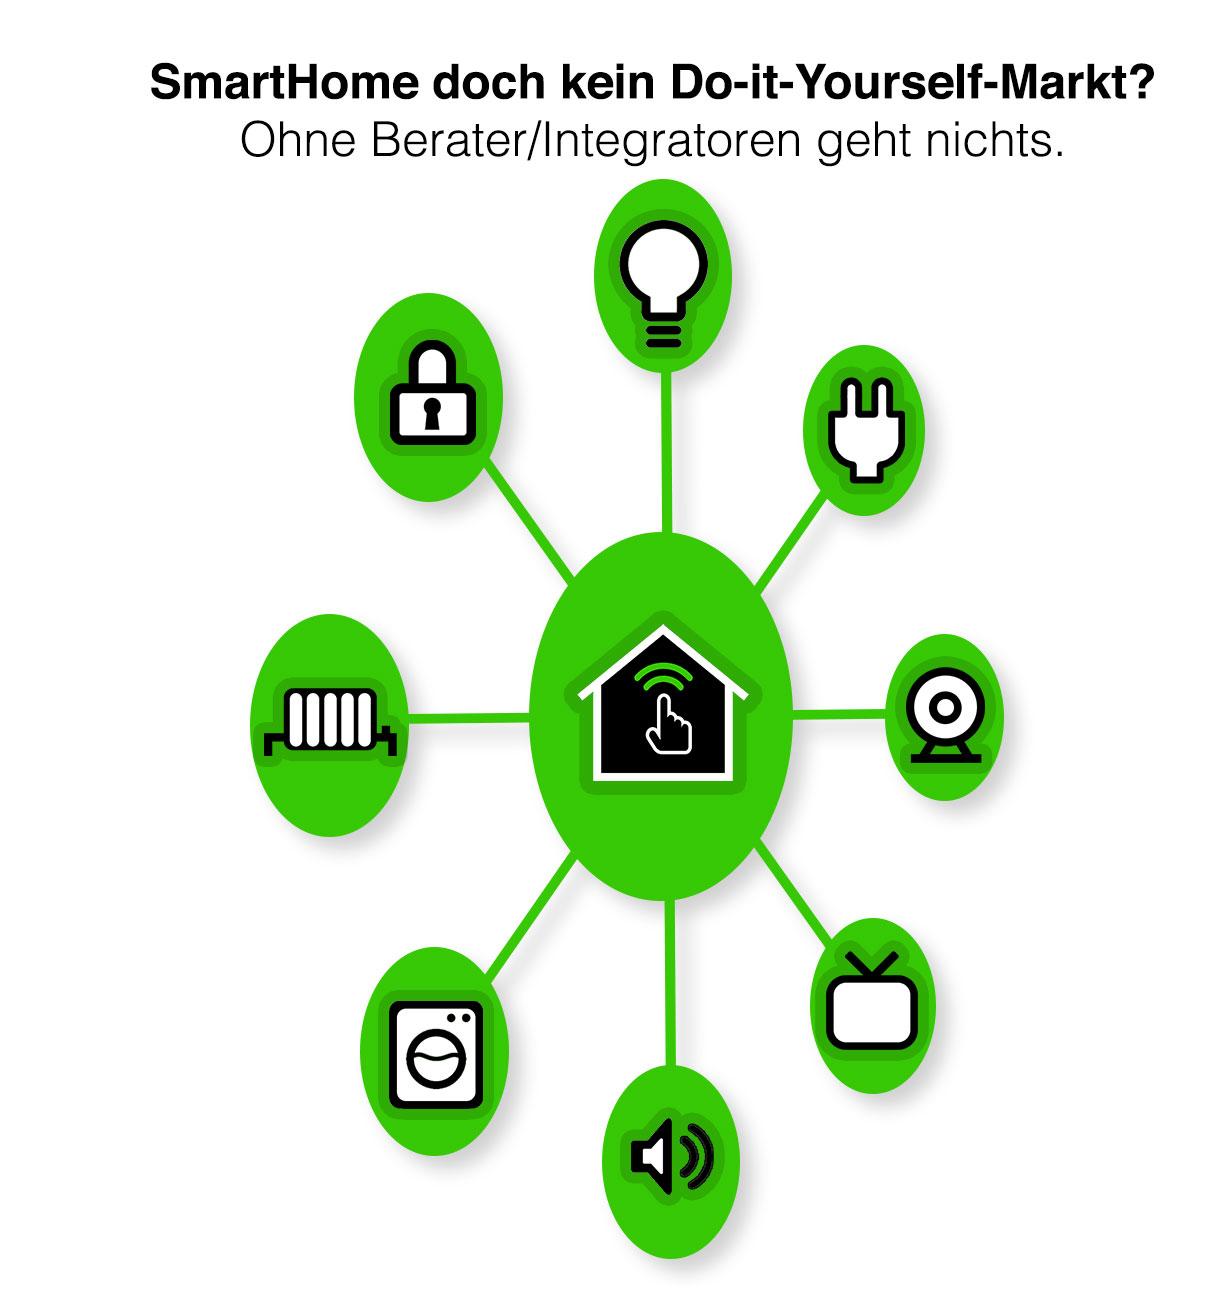 <h1>SmartHome doch kein Do-it-Yourself-Markt</h1> <h2>Ohne Berater und Integratoren geht nichts</h2>